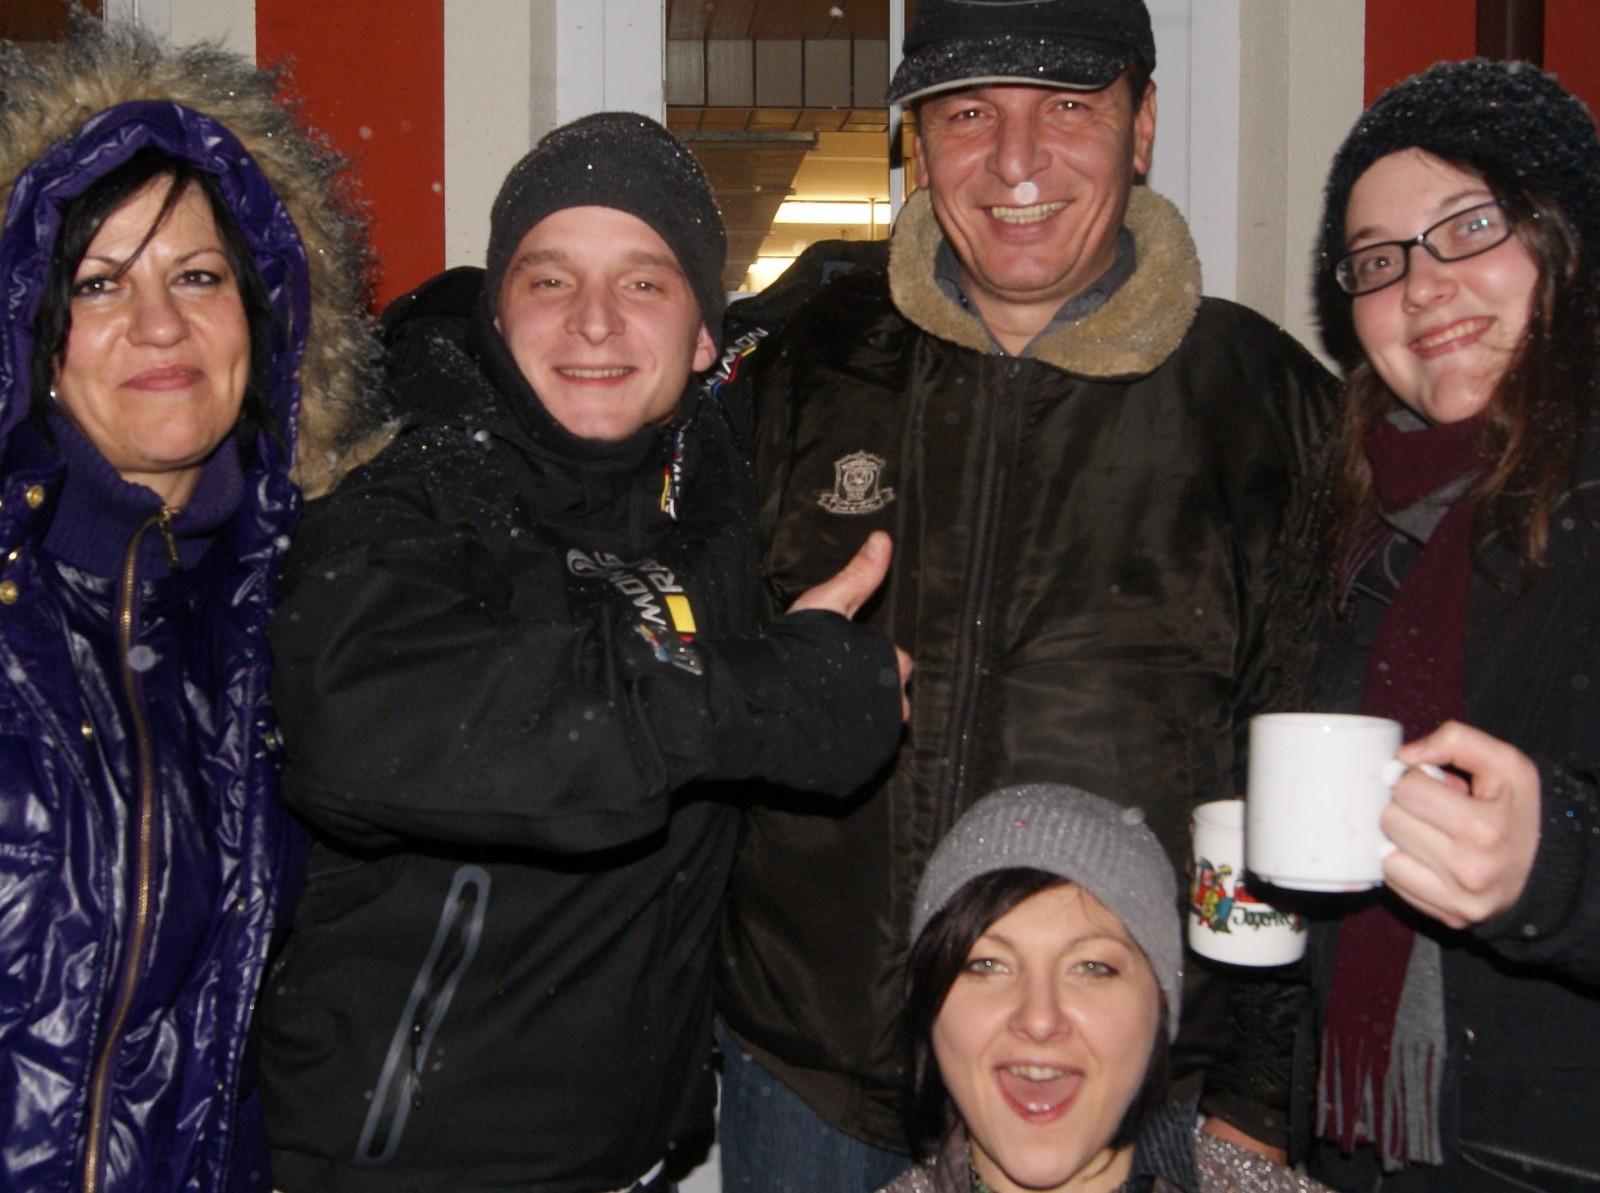 Das Team vom Hotel Alpenfriede feiert Weihnachten